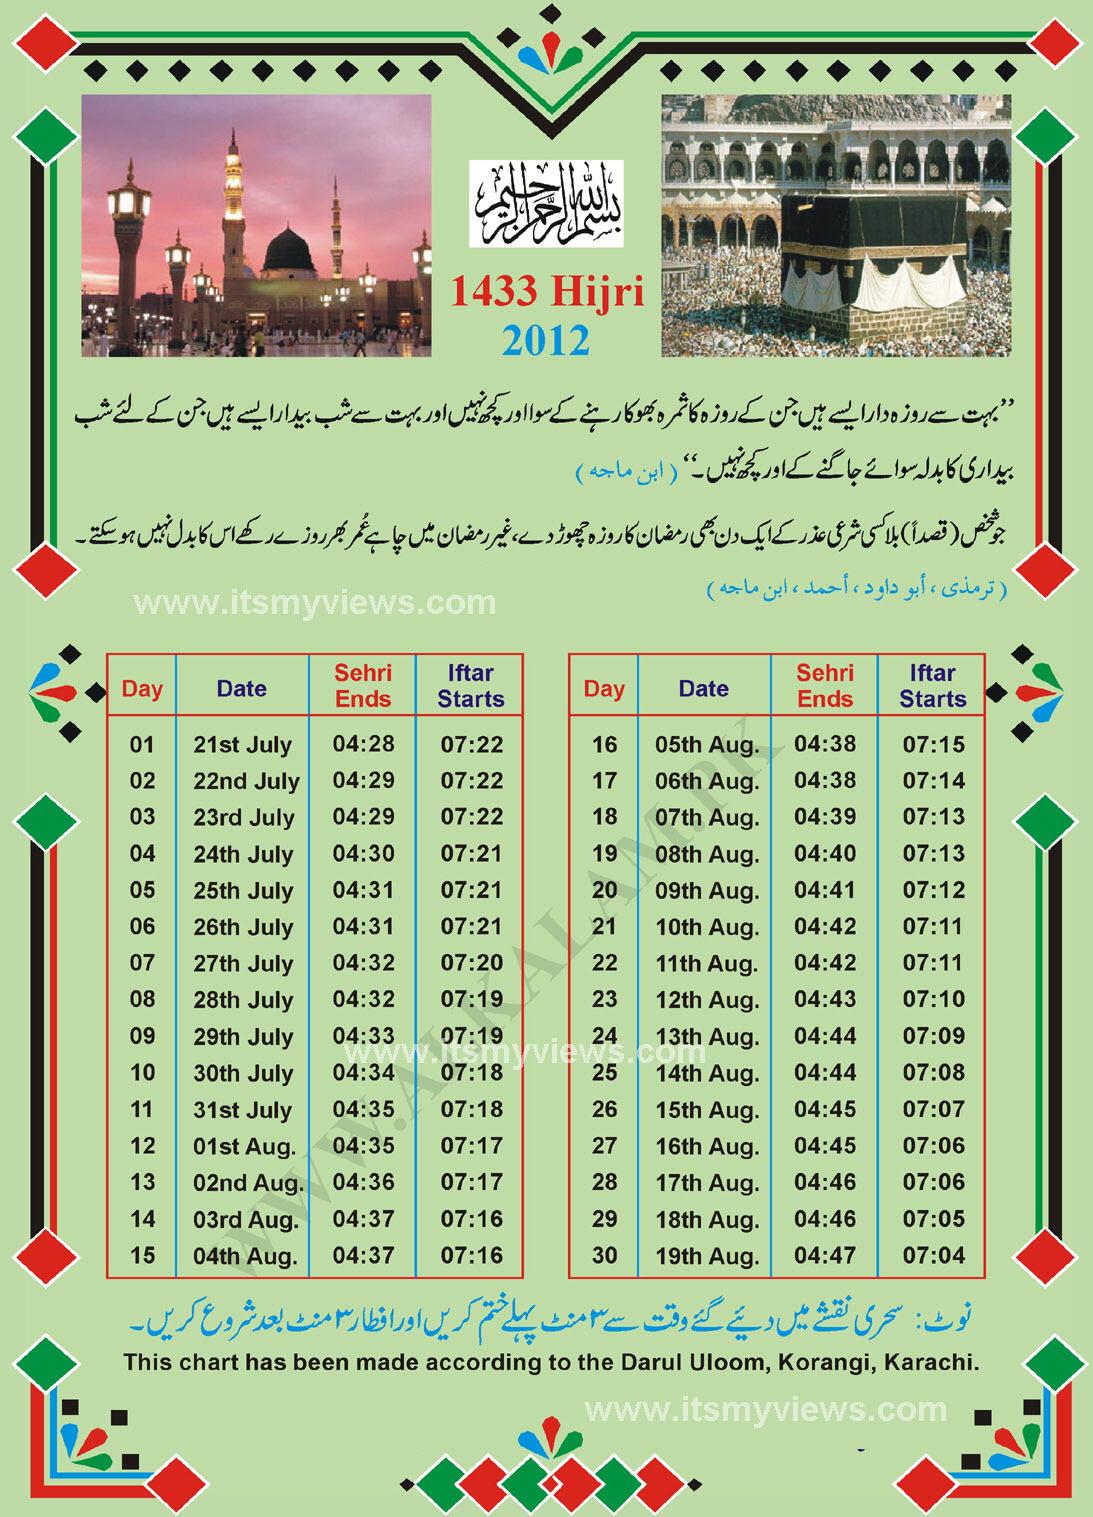 ramadan_calendar_2012_timing-karachi-pakistan